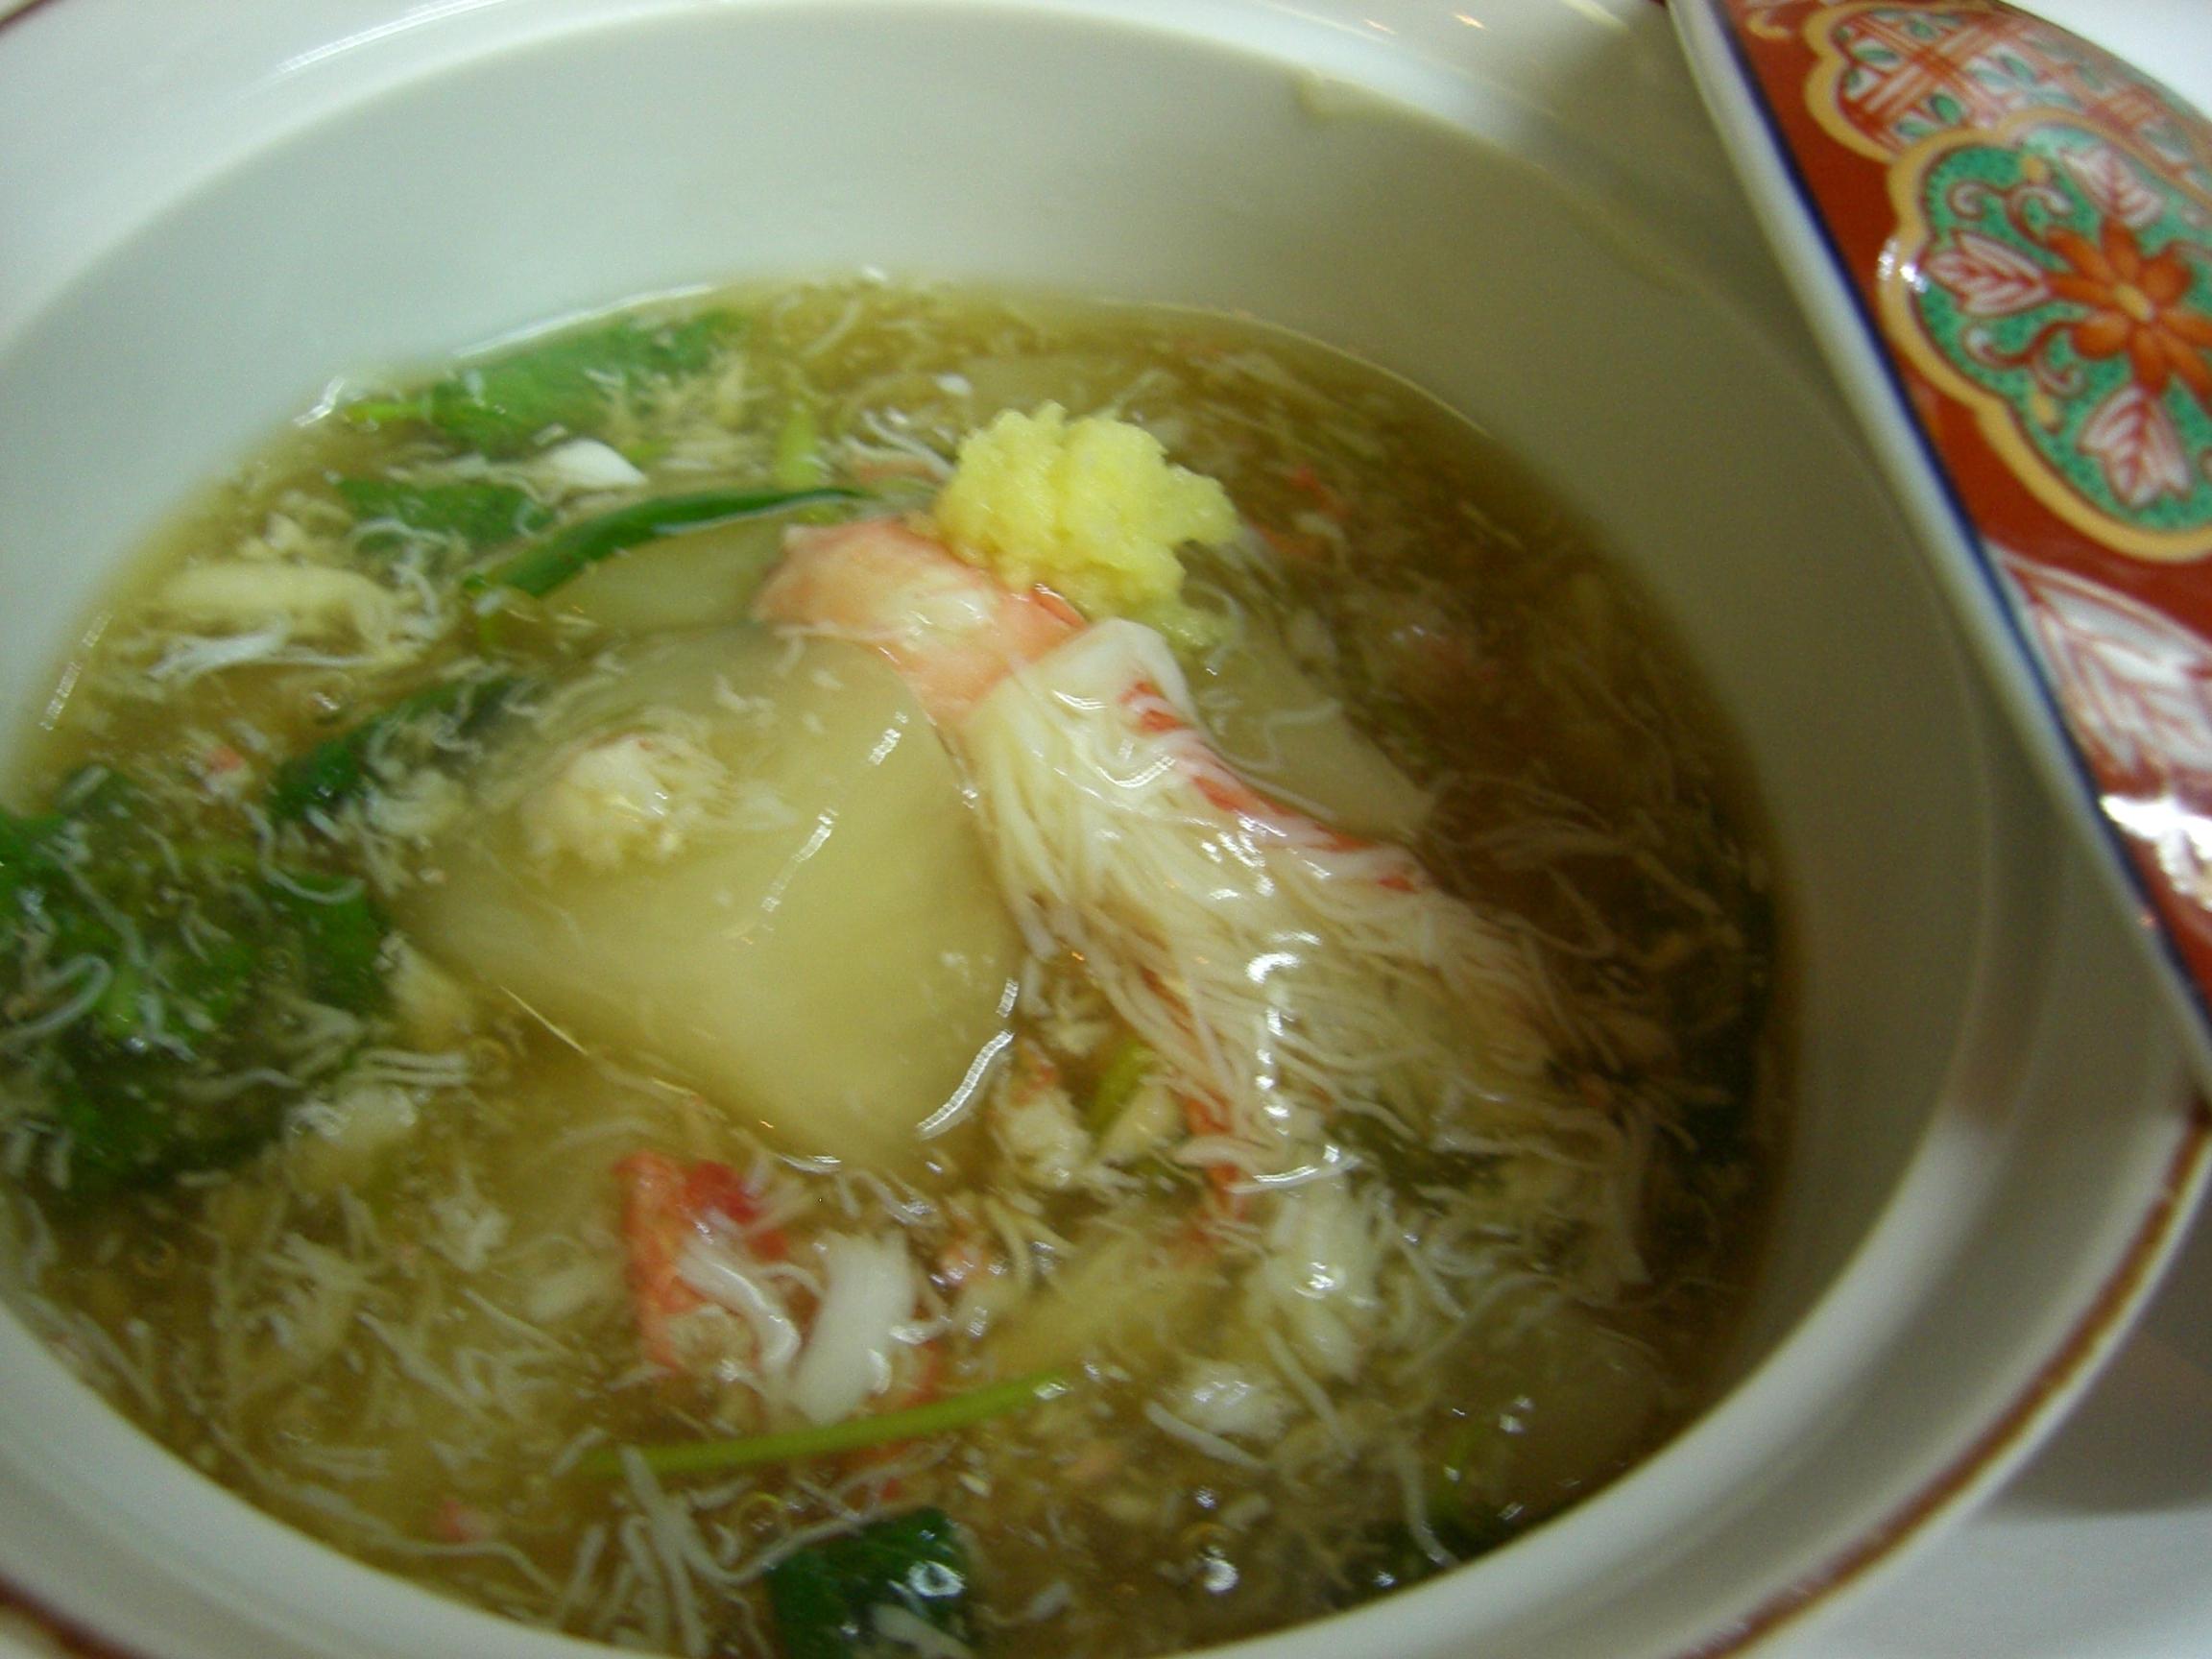 かぶらのカニ身あんかけ(かぶら料理1)(カニ料理2)